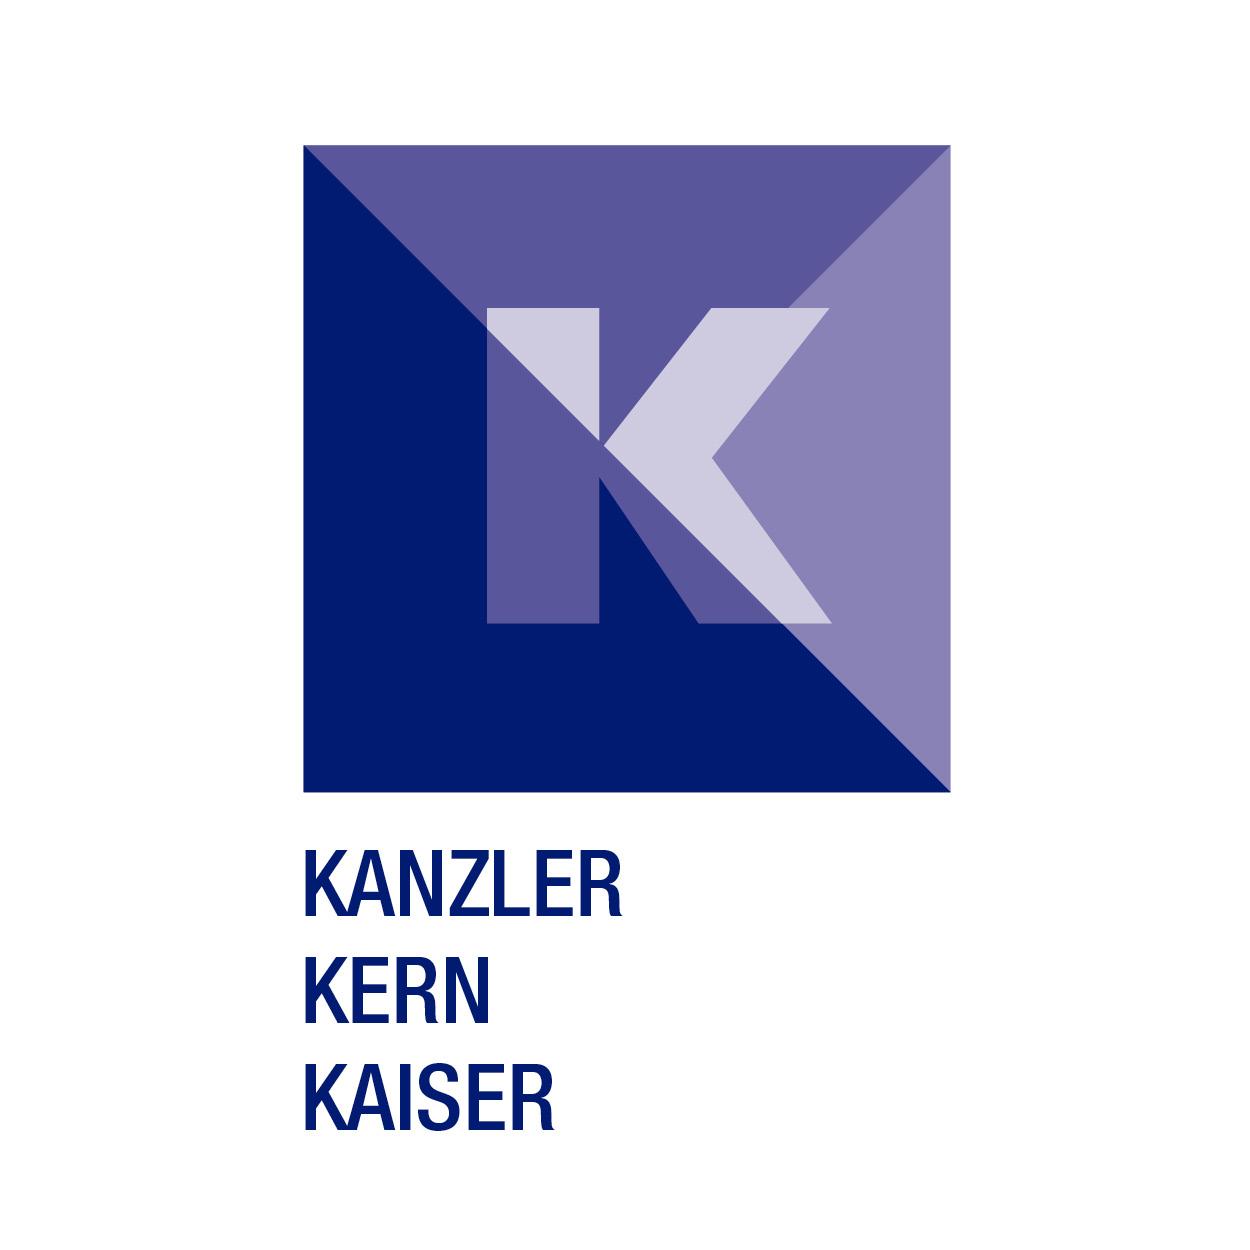 Kanzler Kern Kaiser